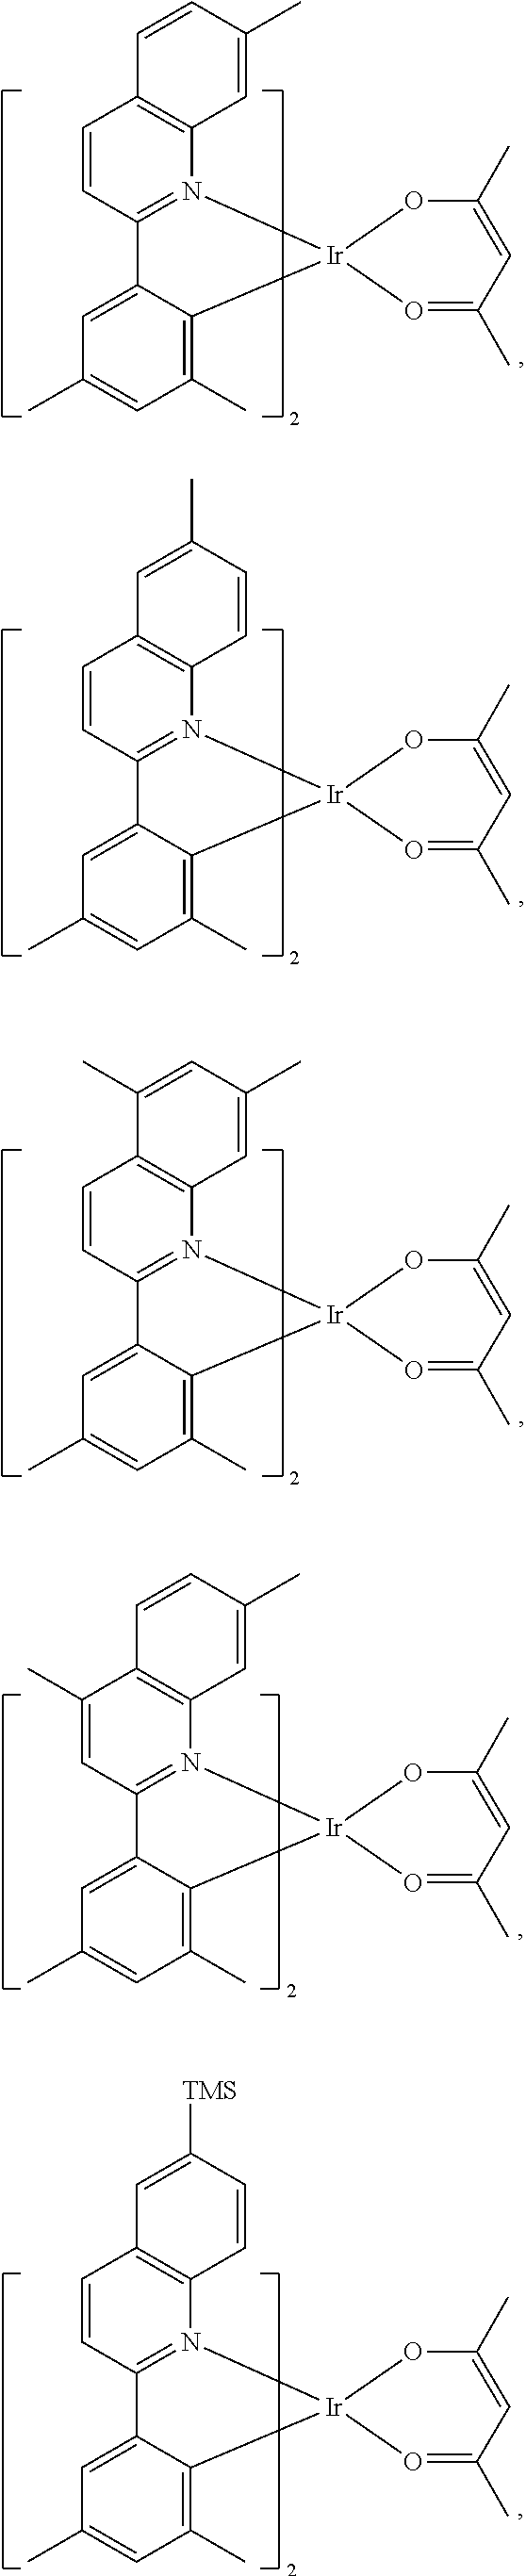 Figure US09859510-20180102-C00089